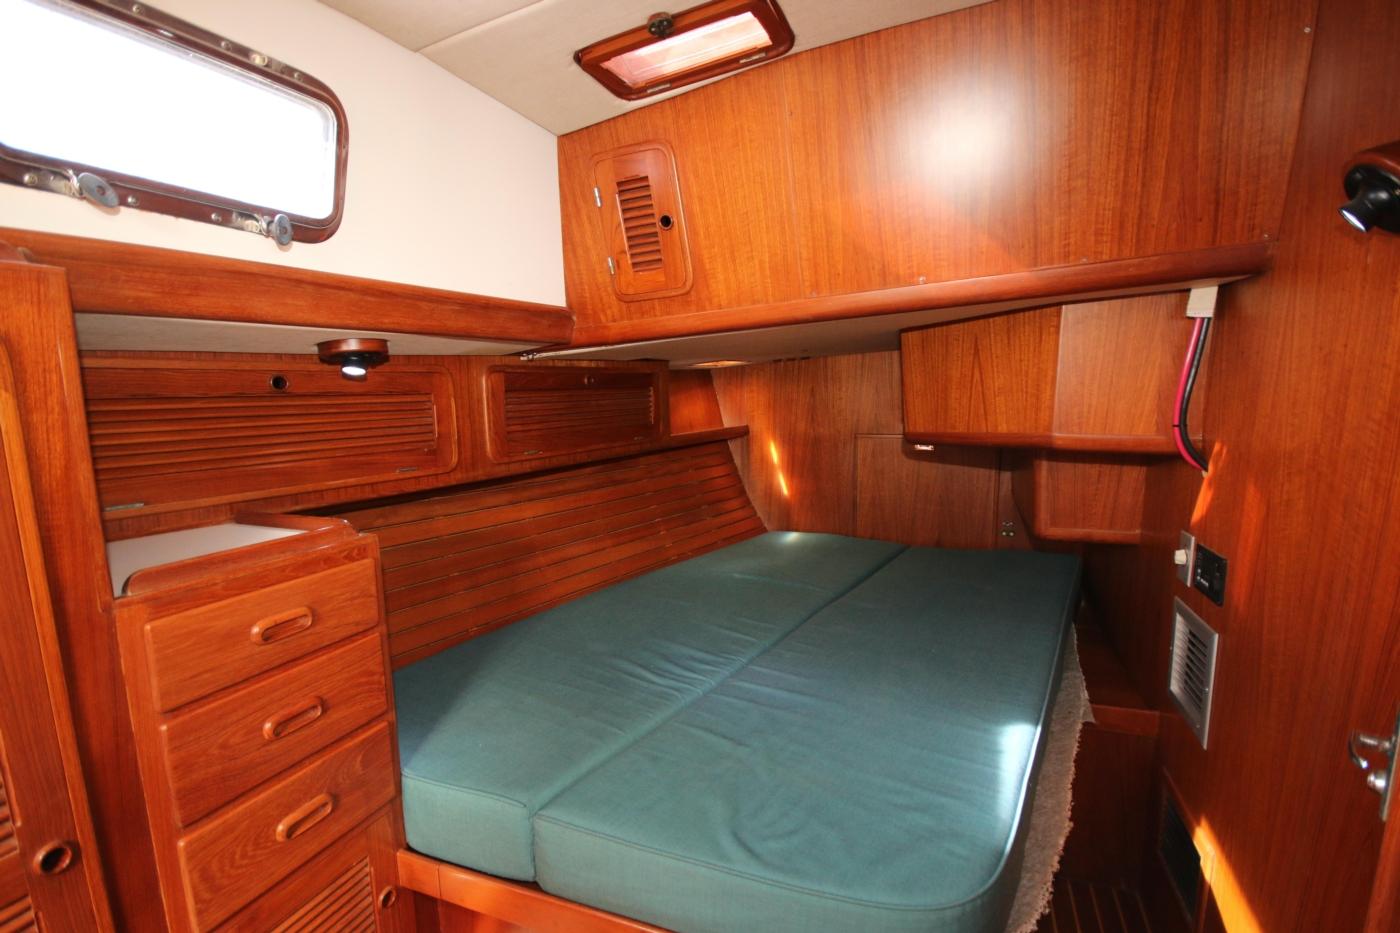 1996 Tanton 45 Offshore, Aft queen berth starboard